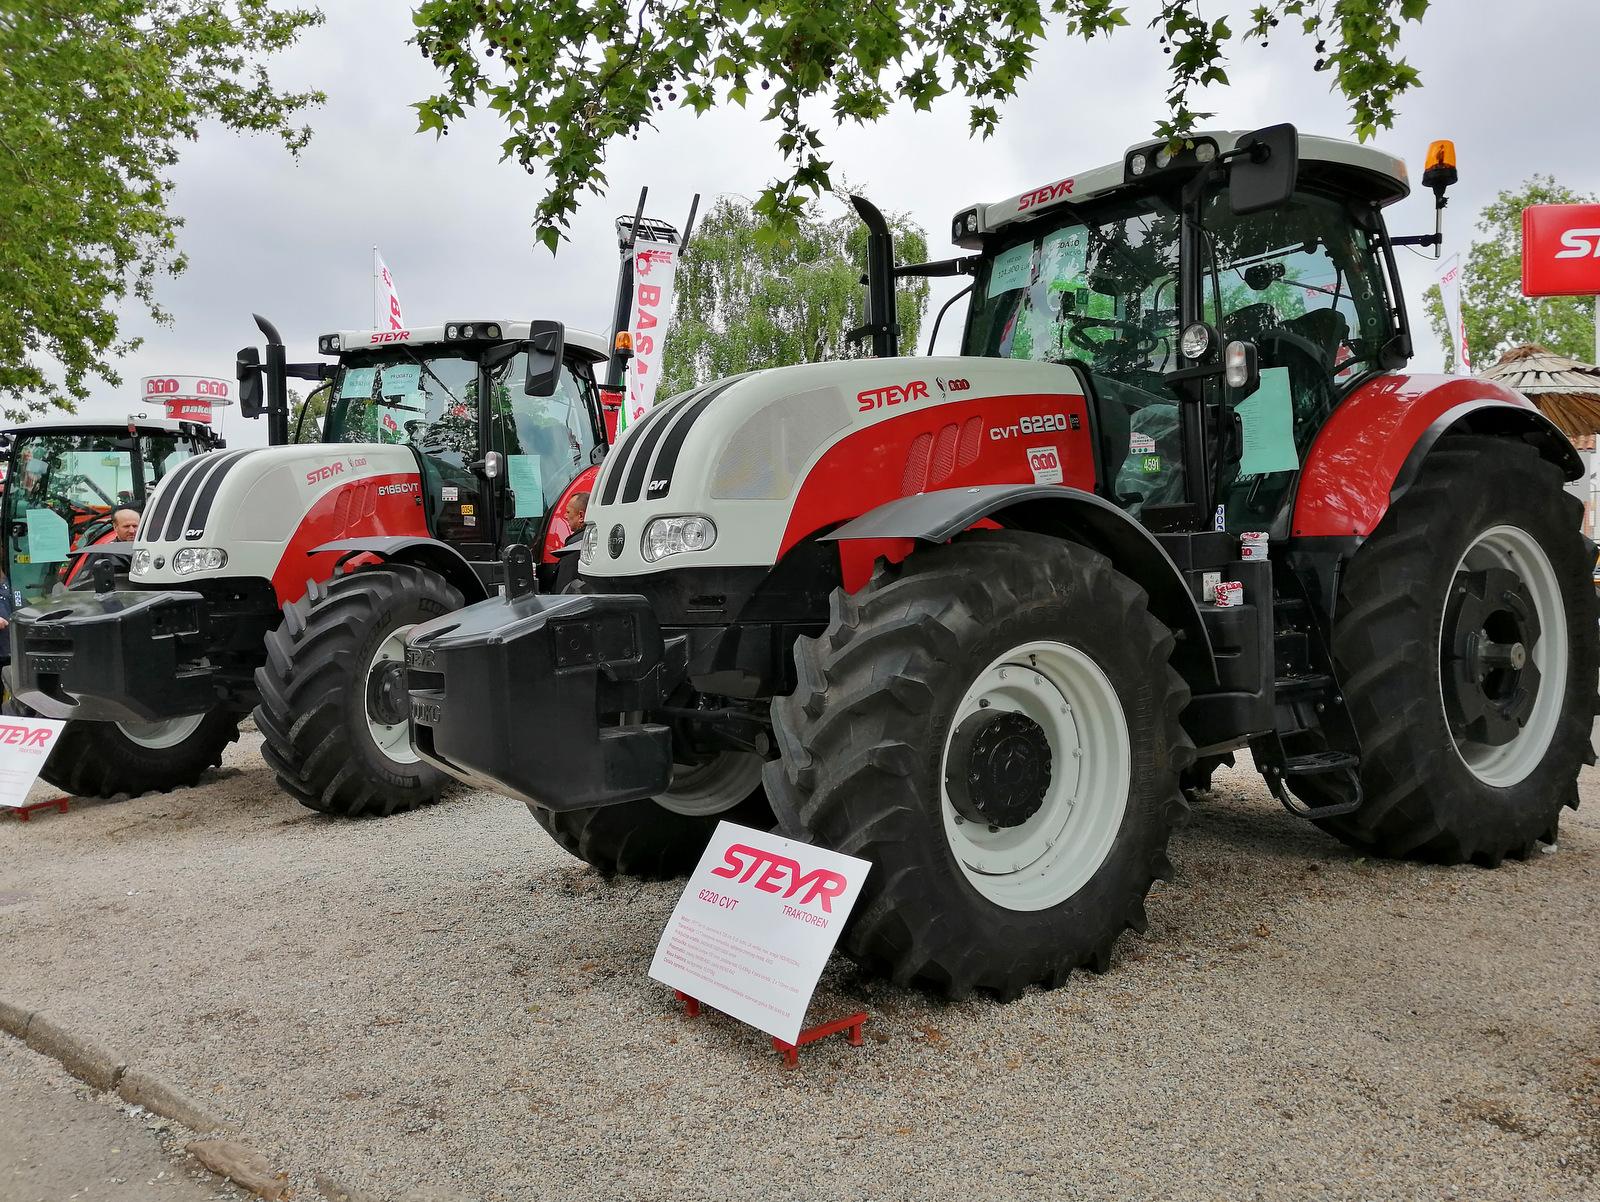 Traktorji na kmetijskem sejmu